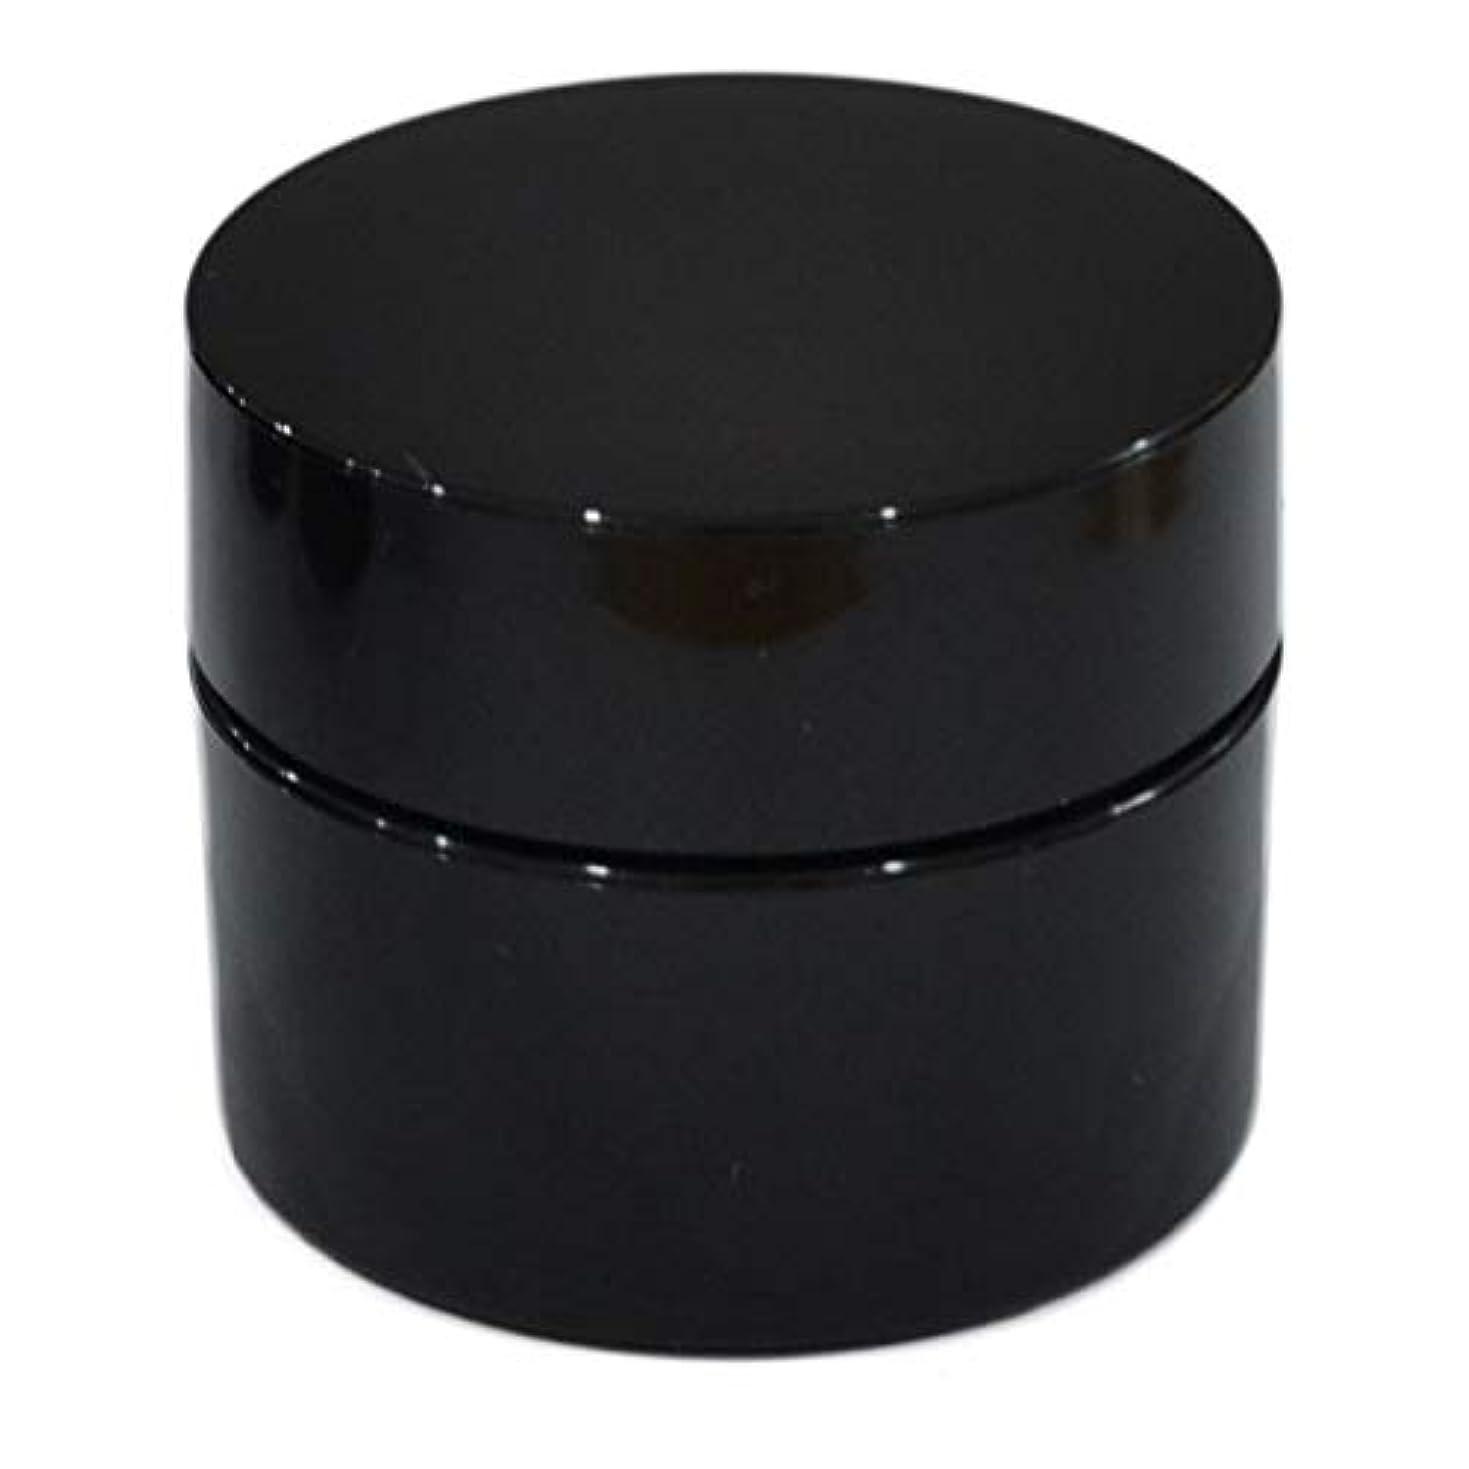 爆風雑草予算純国産ネイルジェル用コンテナ 10g用GA10g 漏れ防止パッキン&ブラシプレート付容器 ジェルを無駄なく使える底面傾斜あり 遮光 黒 ブラック